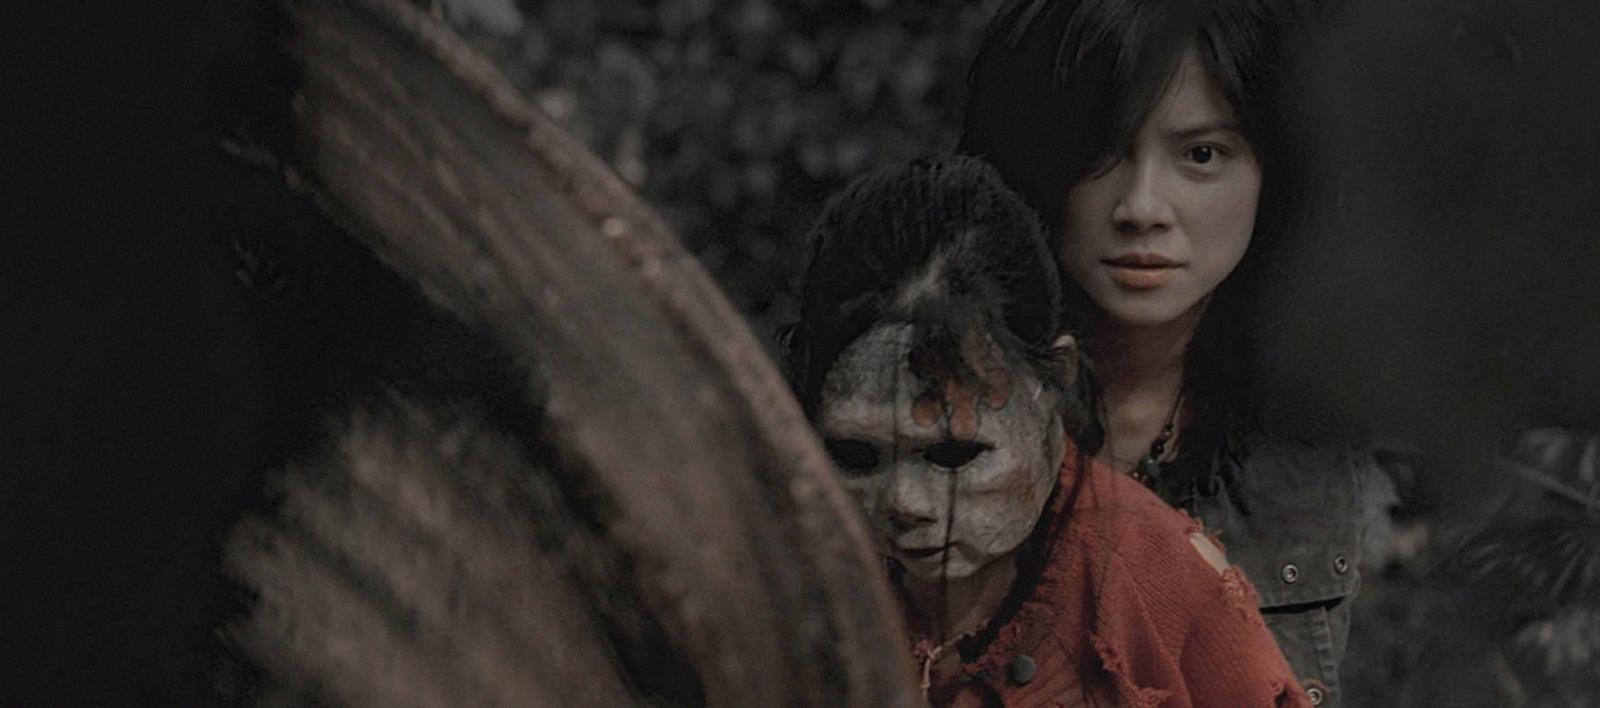 кадры из фильма Ре-цикл